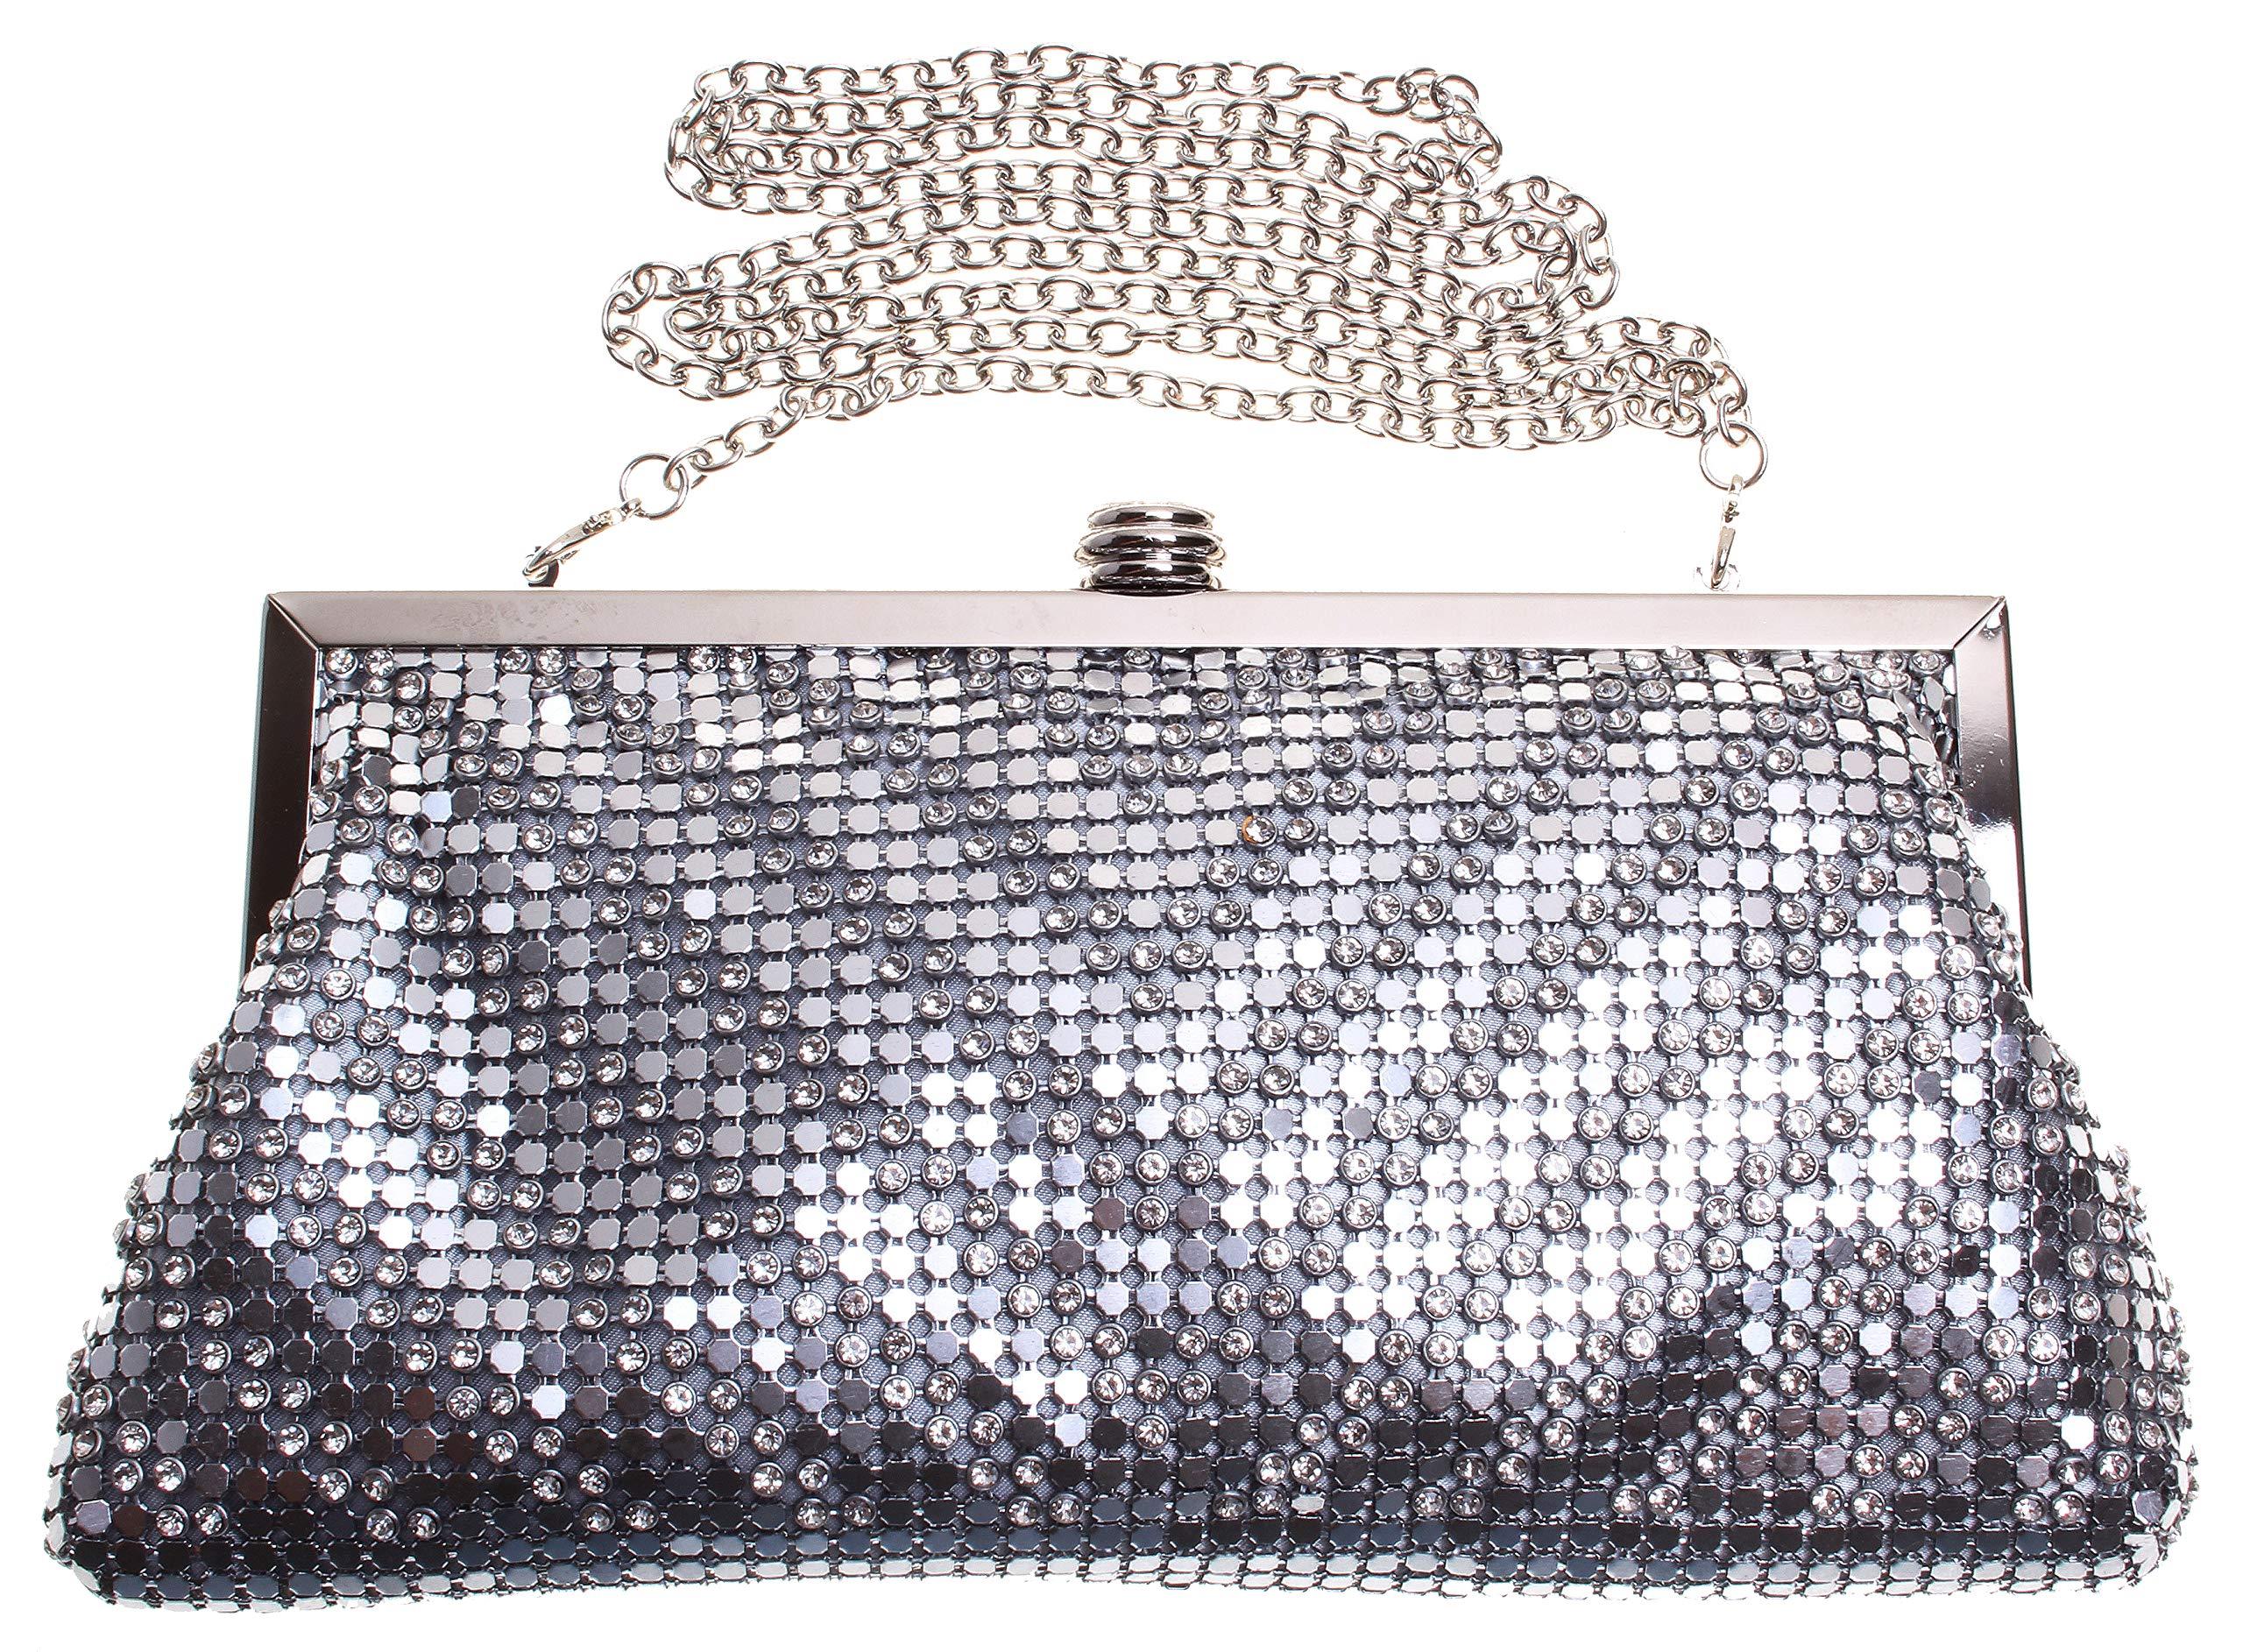 International Concepts Sequins Glitter Clutch Evening Bag;Silver (9.5''LX5''HX1''D)